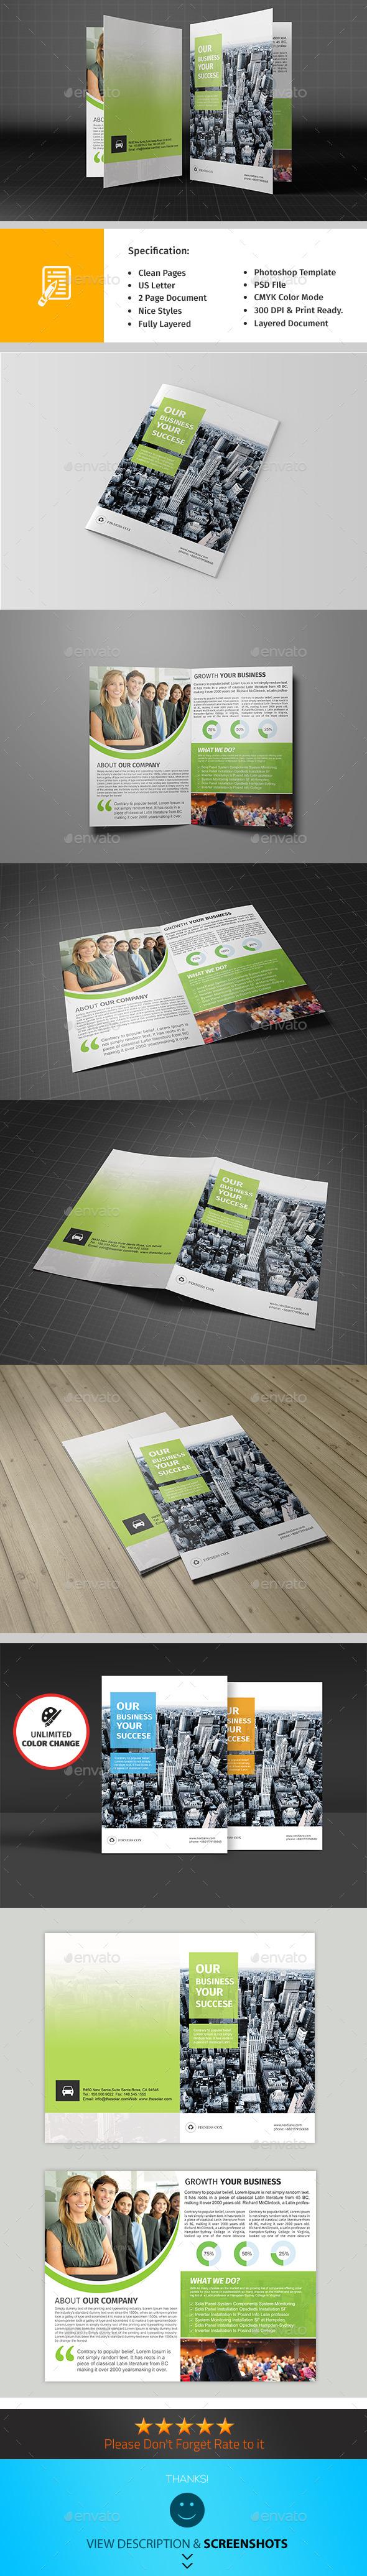 GraphicRiver Bifold Corporate Brochure Template Vol01 9516004